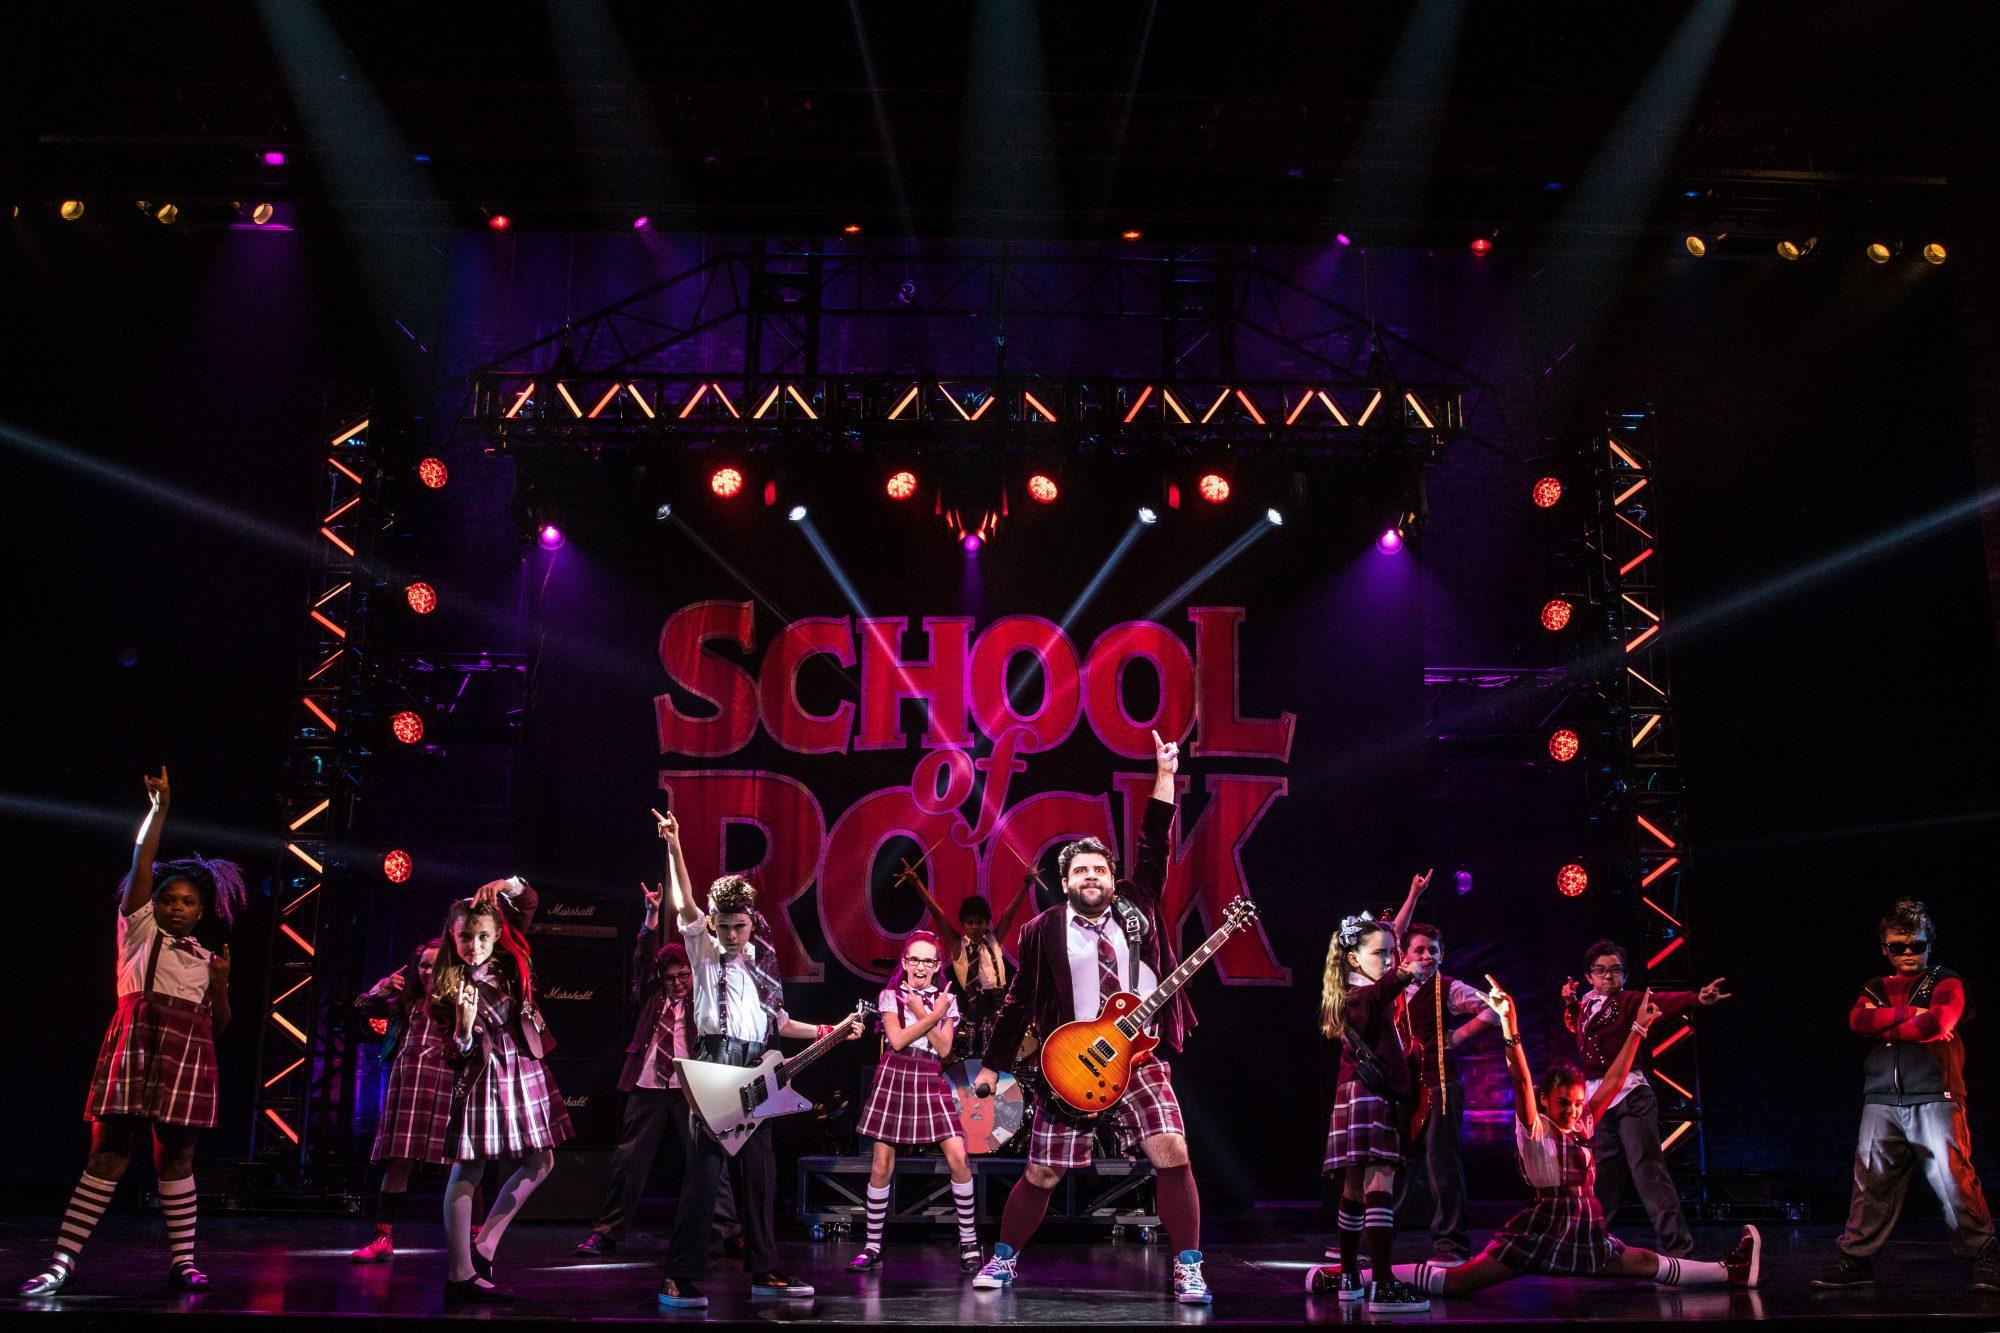 School-of-Rock-Tour--(8)